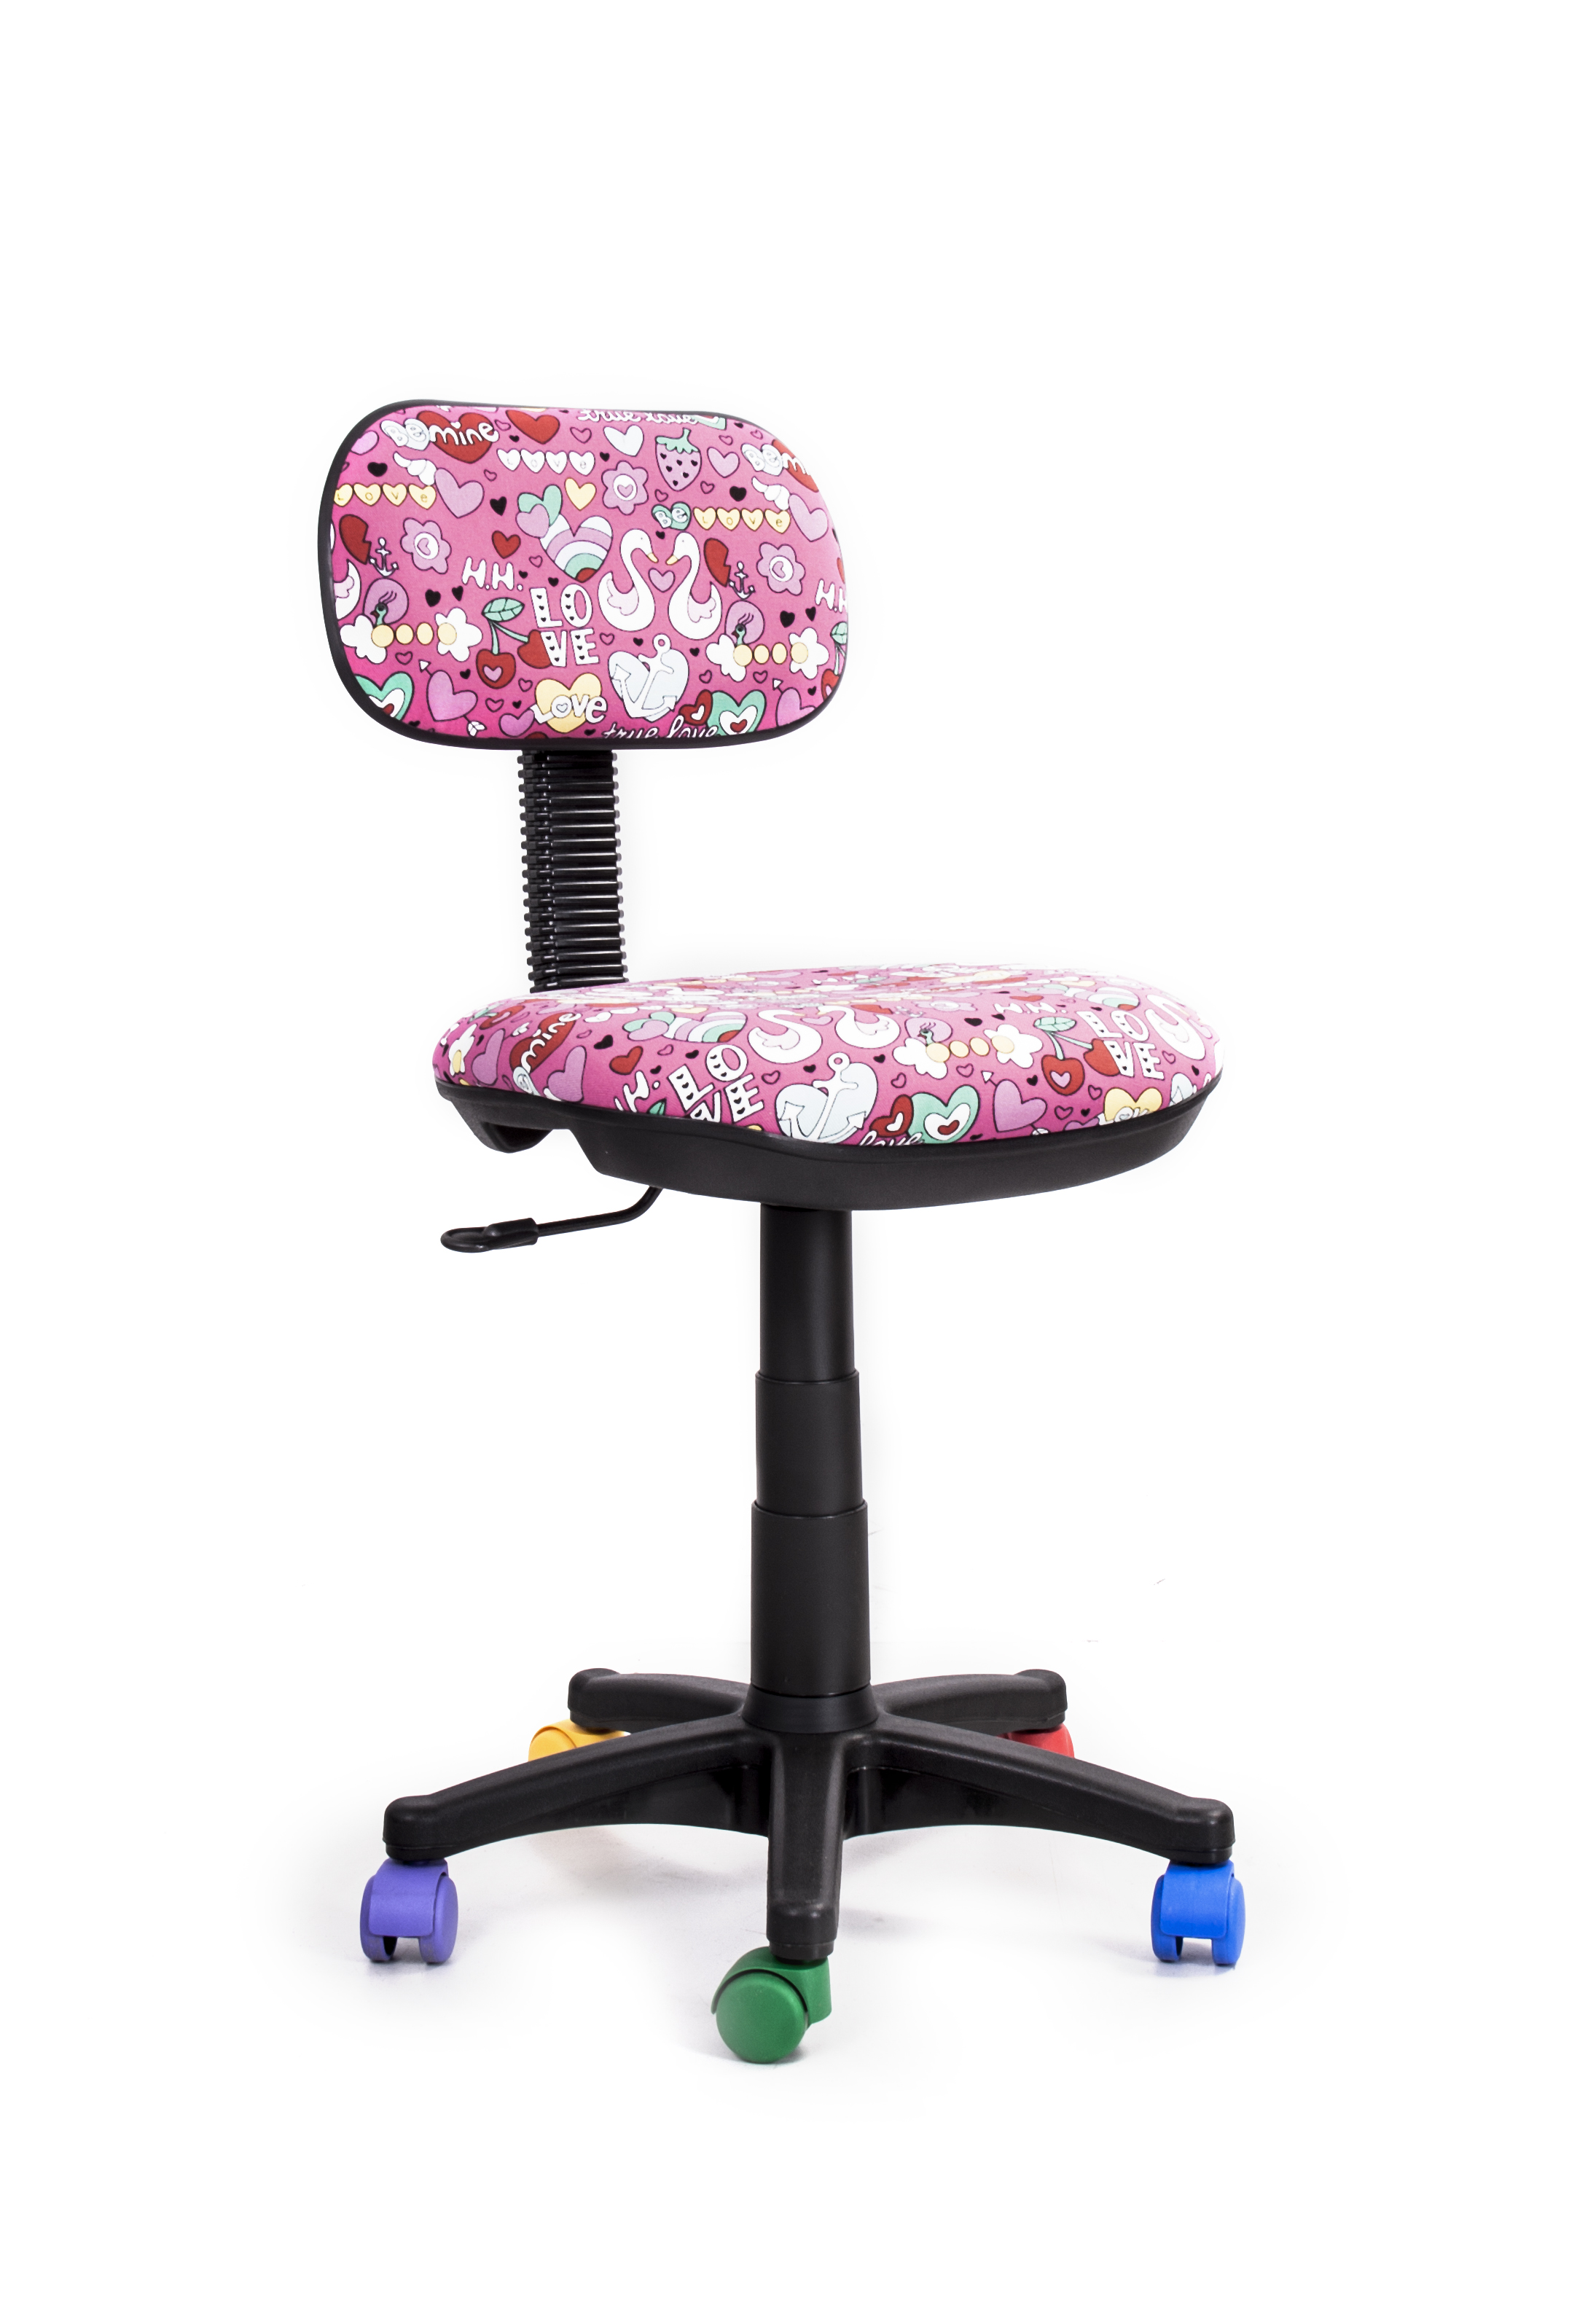 Кресло Recardo Junior DA03 (разноцветные ролики, цвет обивки - розовый, рисунок на обивке) ролики action ролики раздвижные